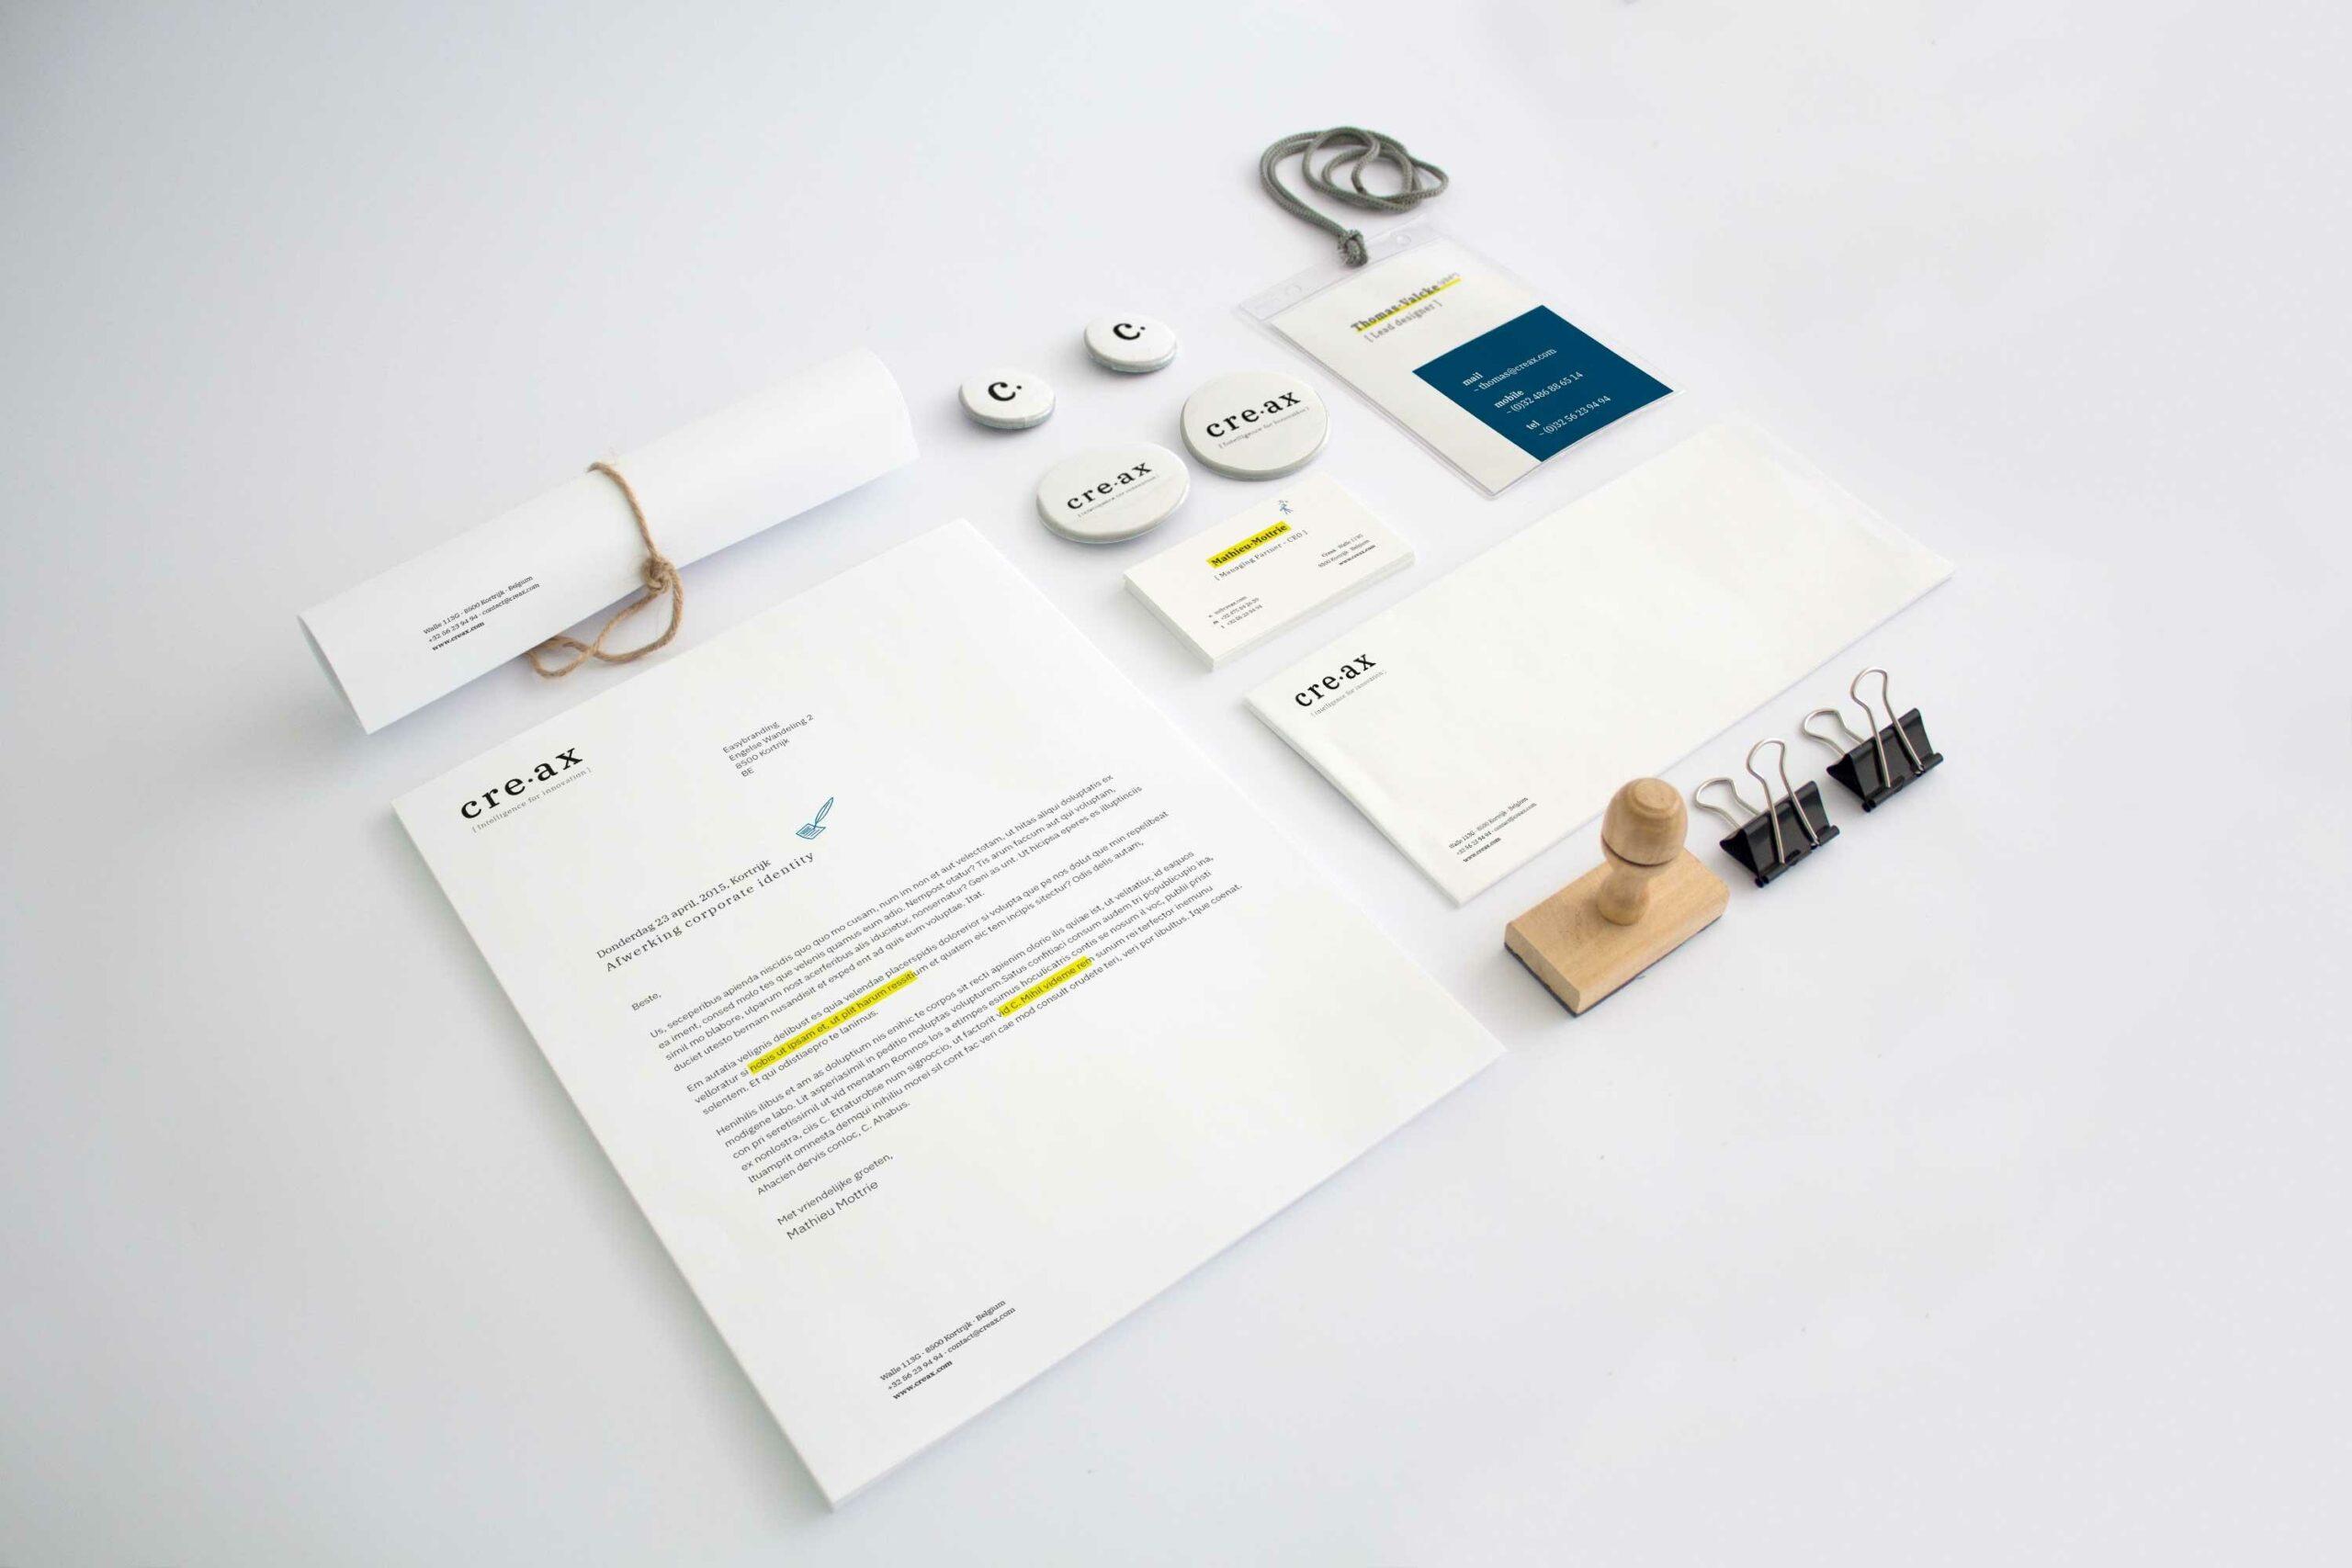 Voorbeeld huisstijl rebrandingstraject creax door grafisch bureau Easybranding uit Kortrijk